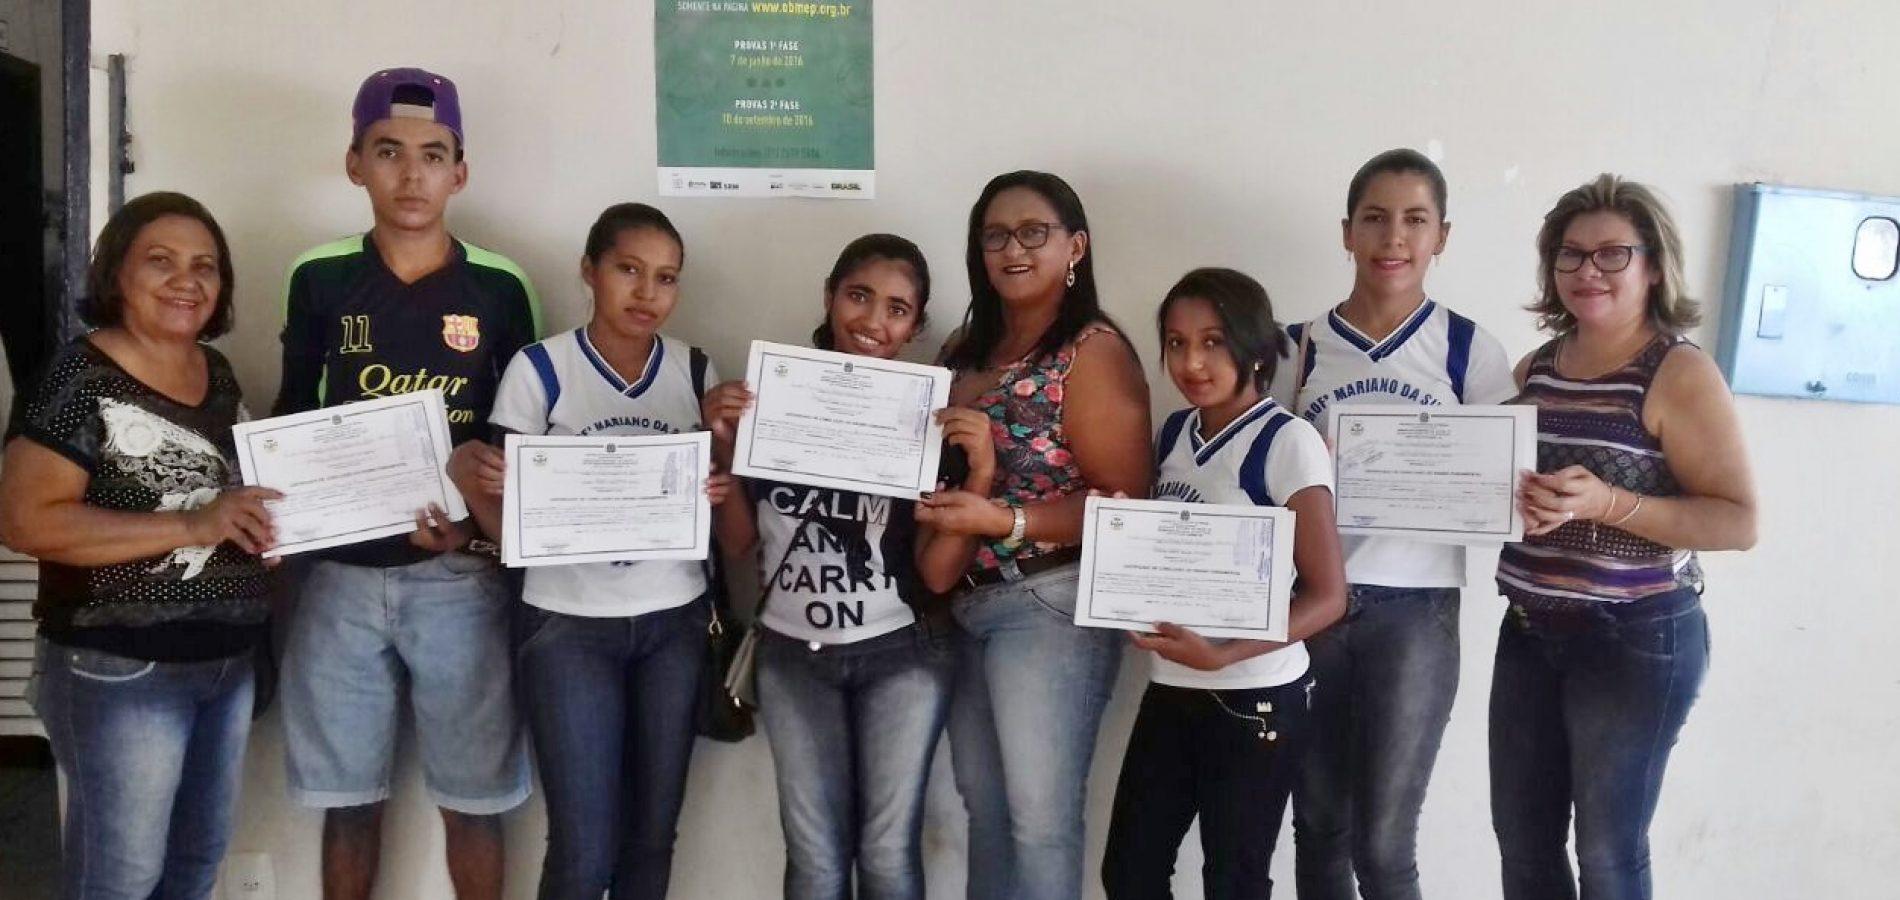 JAICÓS | Conselho Municipal de Educação é criado e alunos da rede municipal são certificados